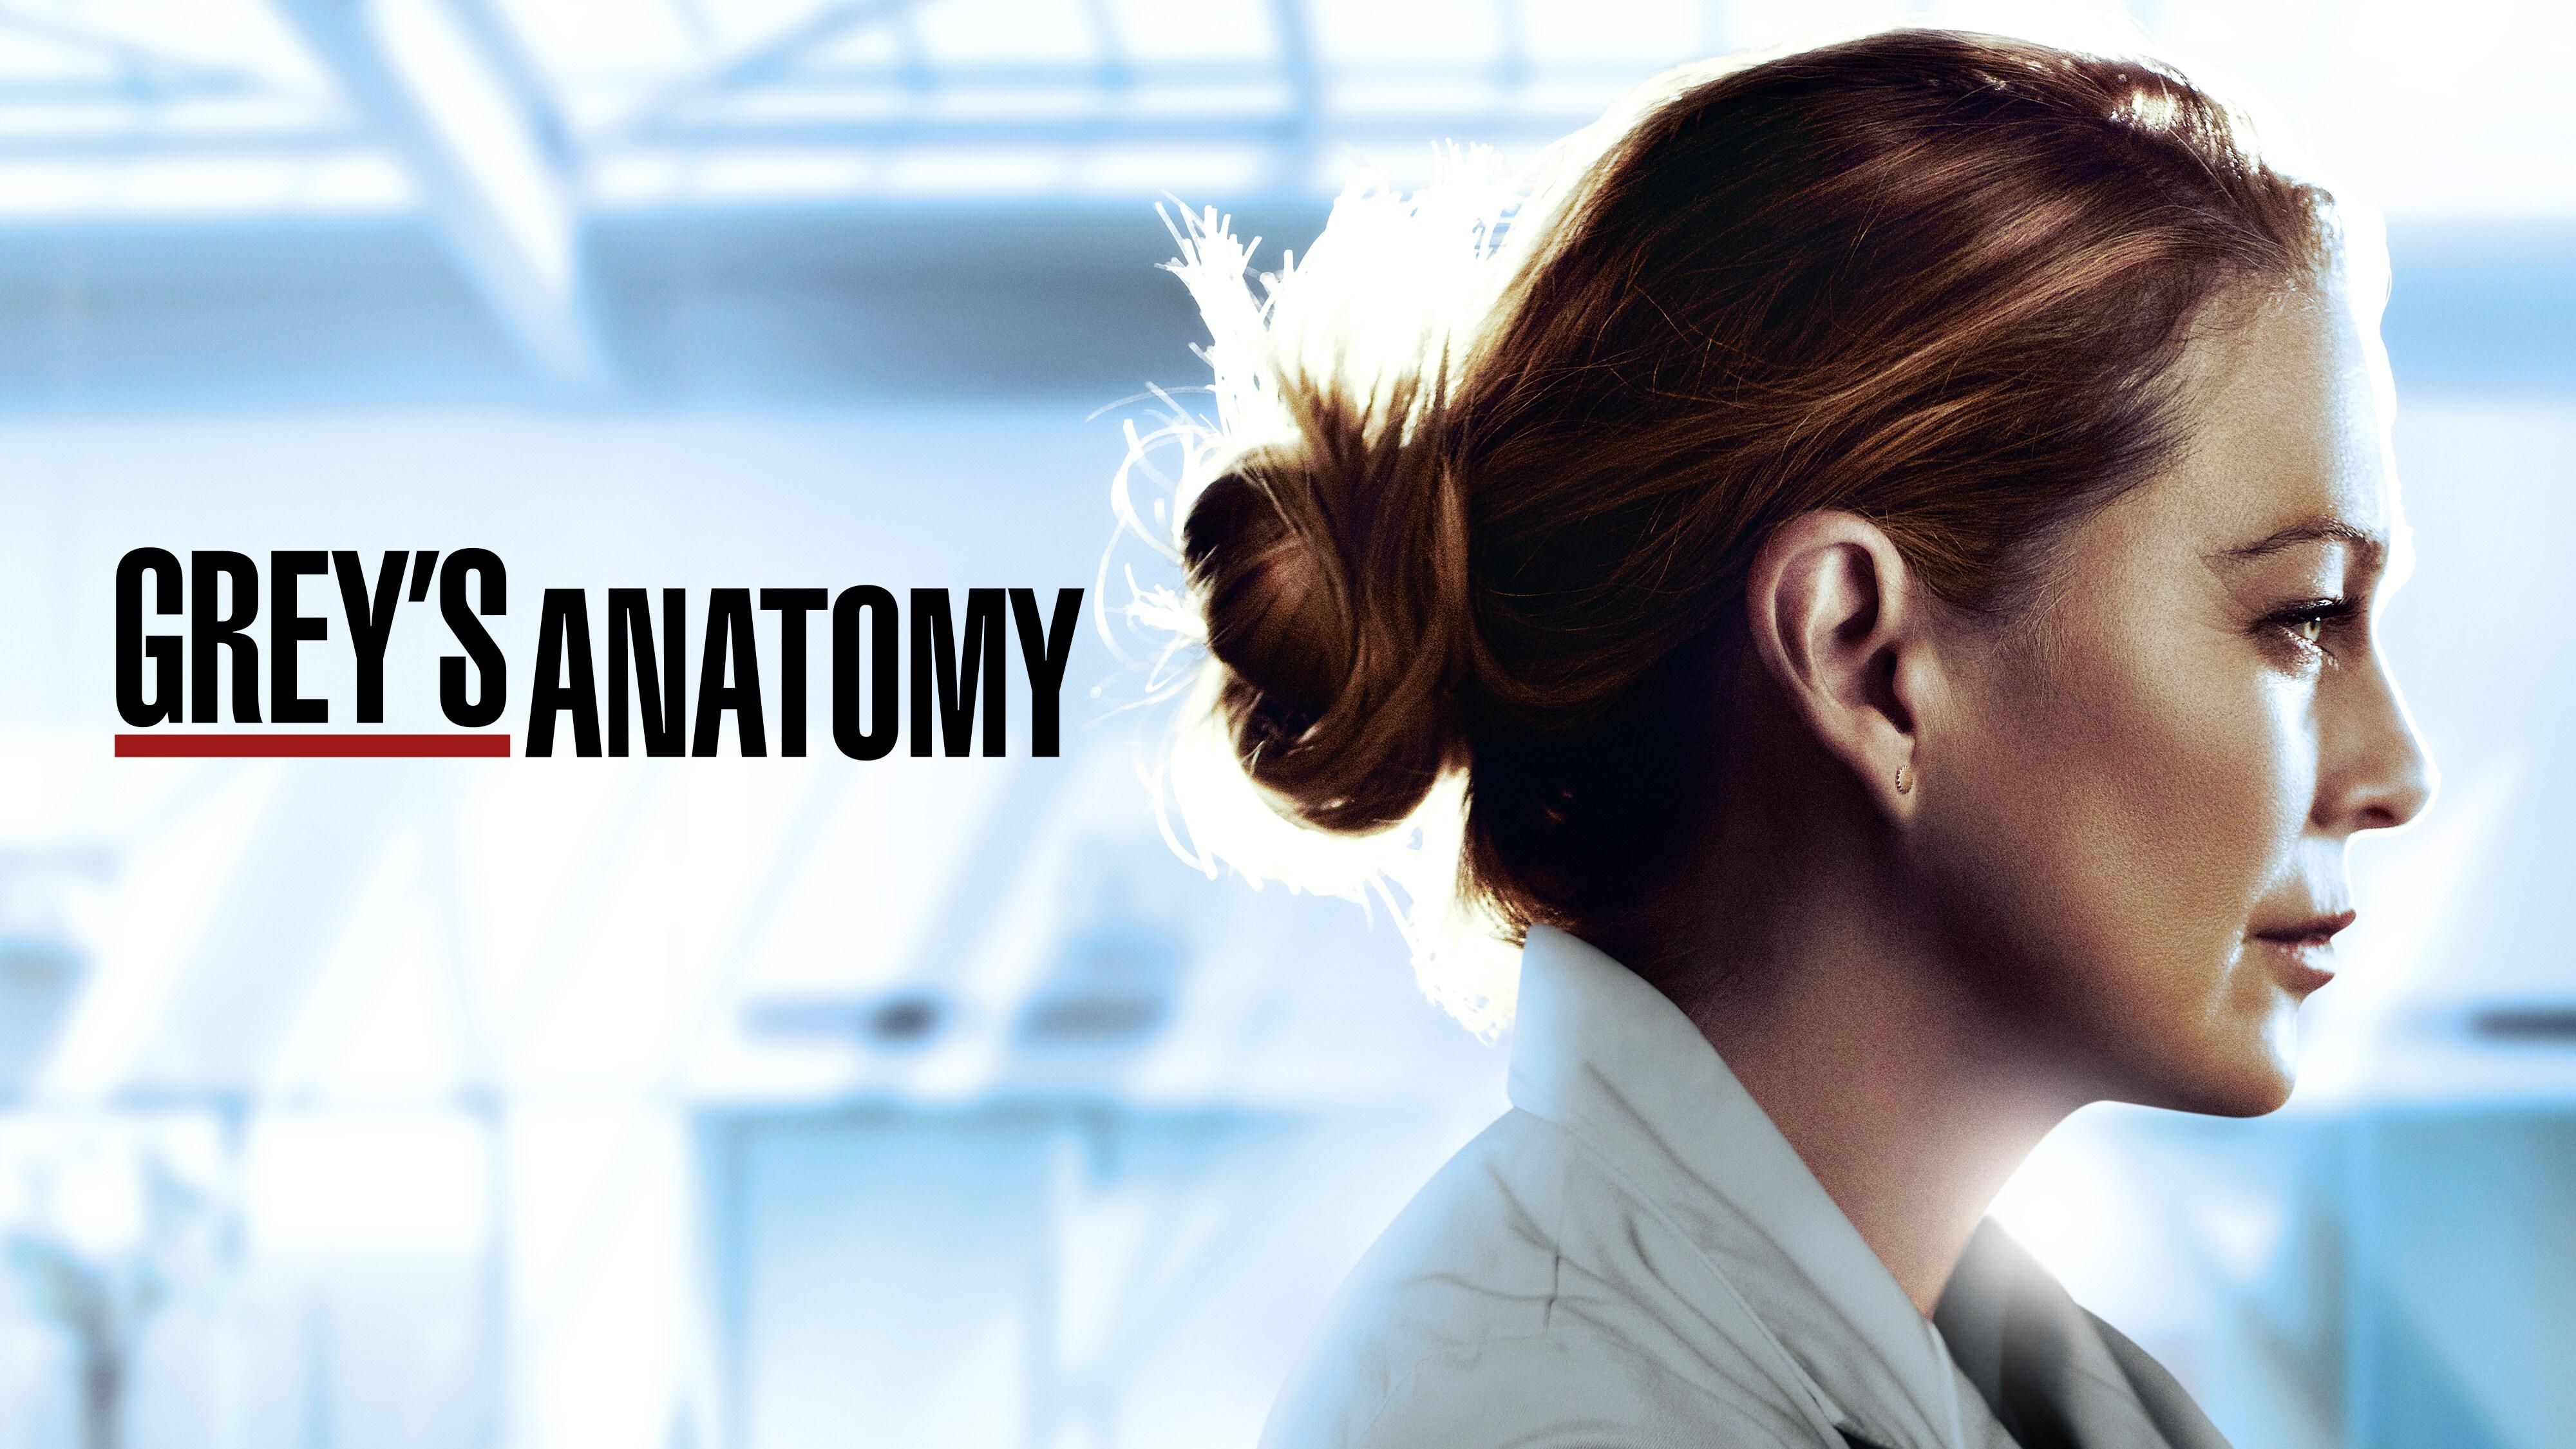 15 coisas que você não sabia sobre Grey's Anatomy